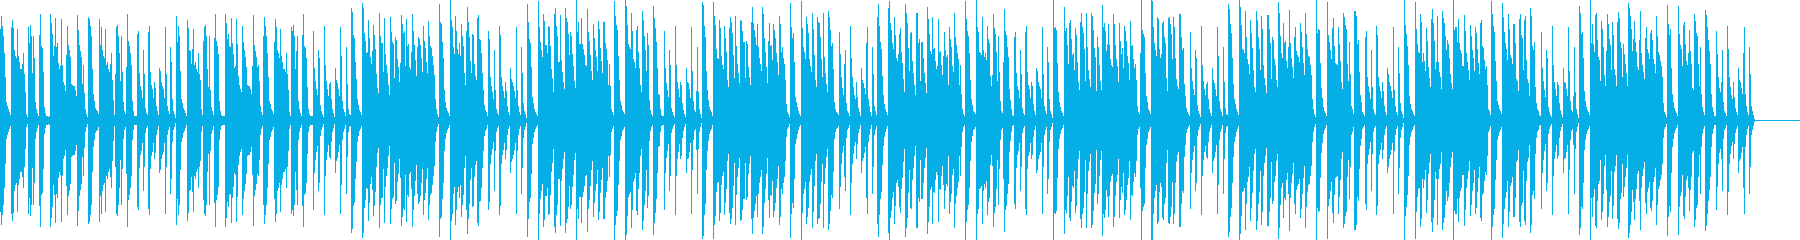 ほのぼの系ふにゃふにゃかわいいBGMの再生済みの波形